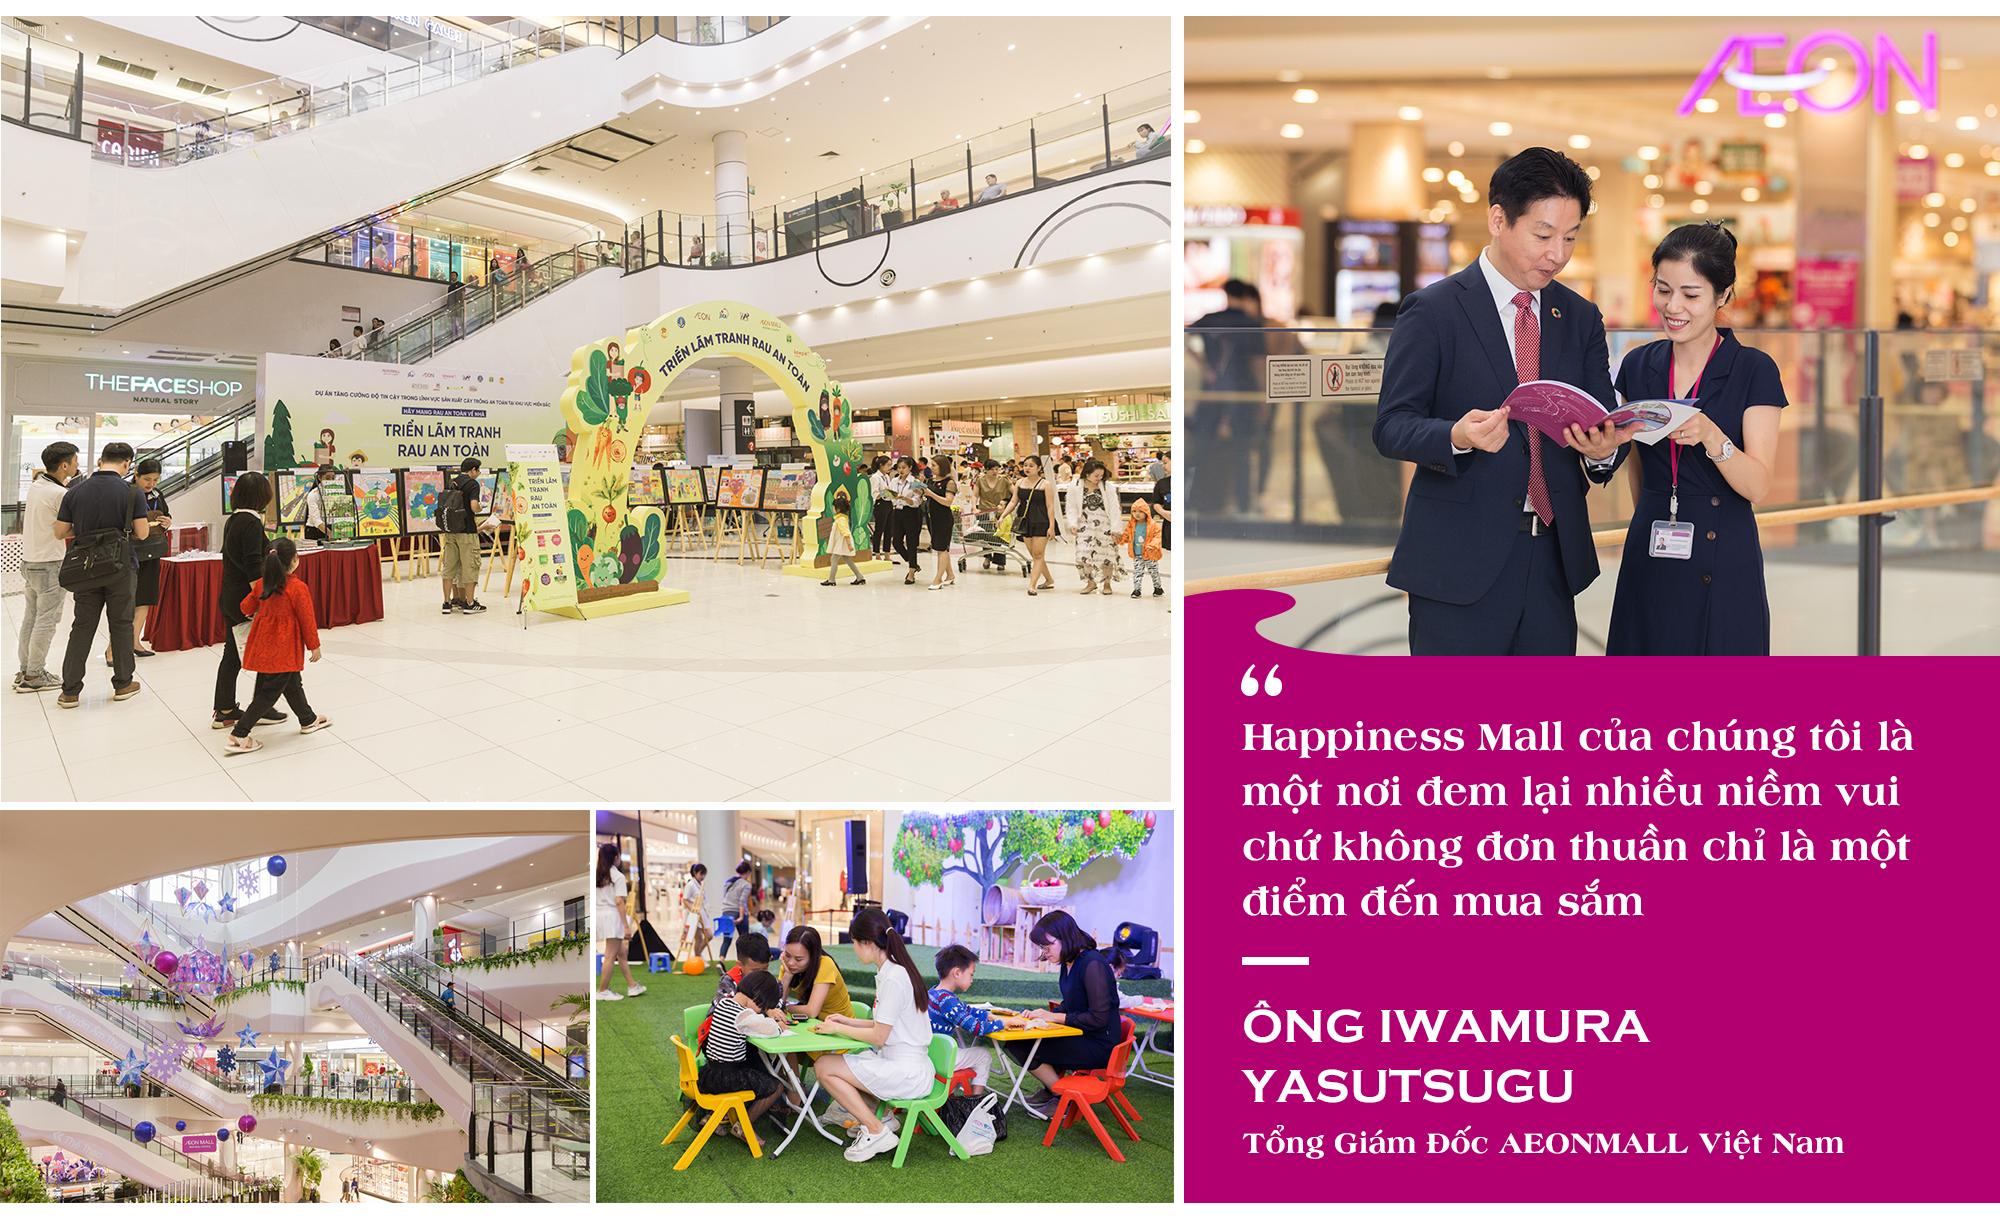 """Tổng Giám đốc AEONMALL Việt Nam: Thực hiện các dự án """"Happiness Mall"""" là mục tiêu phát triển bền vững - Ảnh 7."""